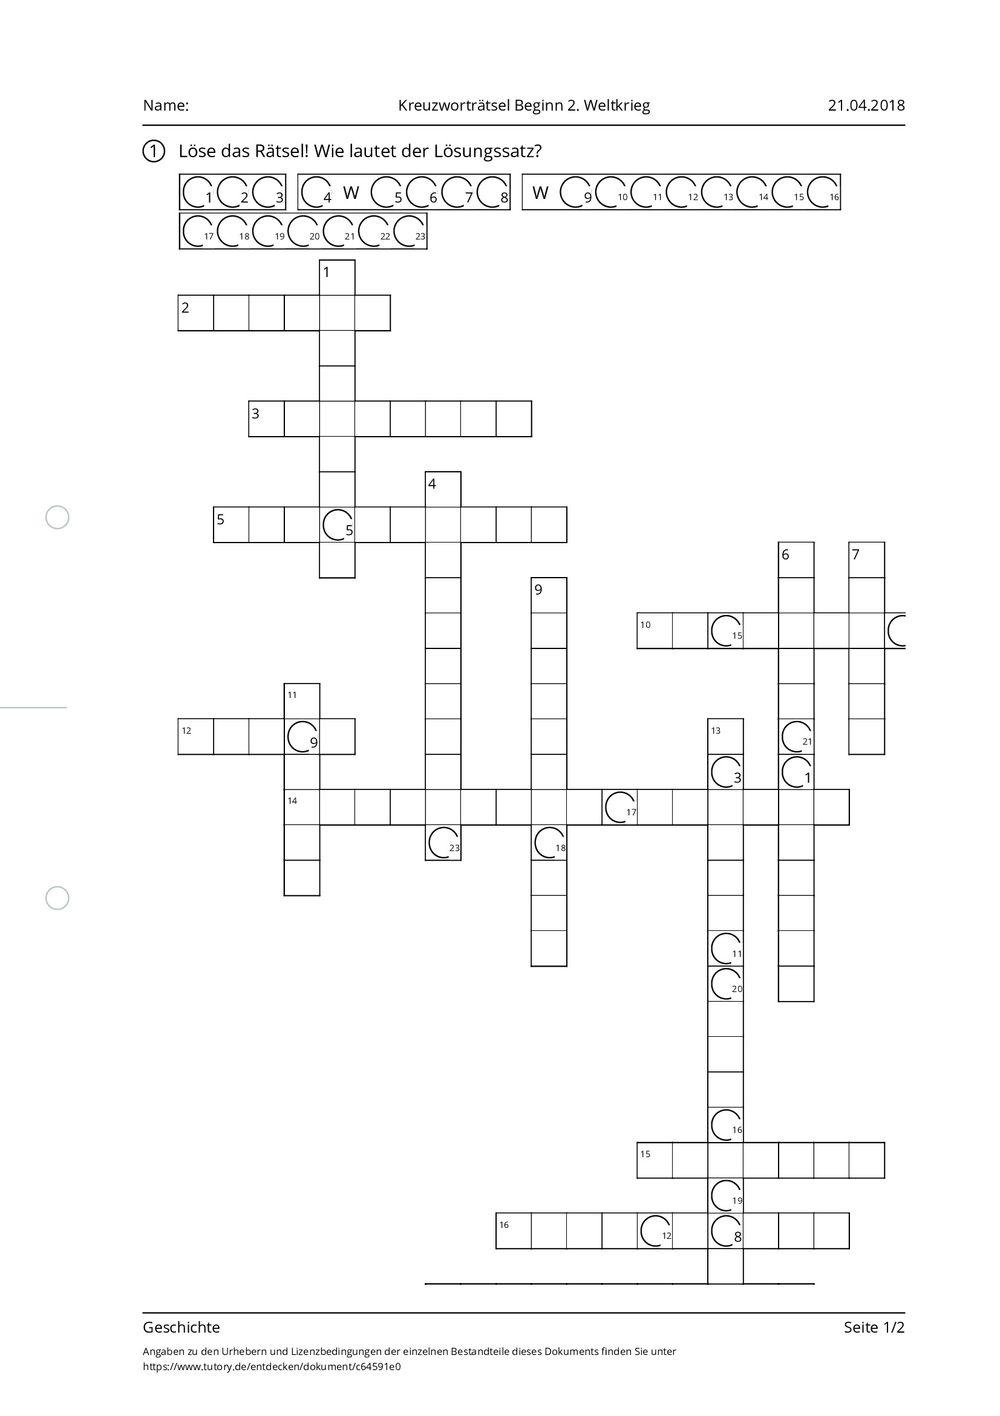 Beginn Kreuzworträtsel